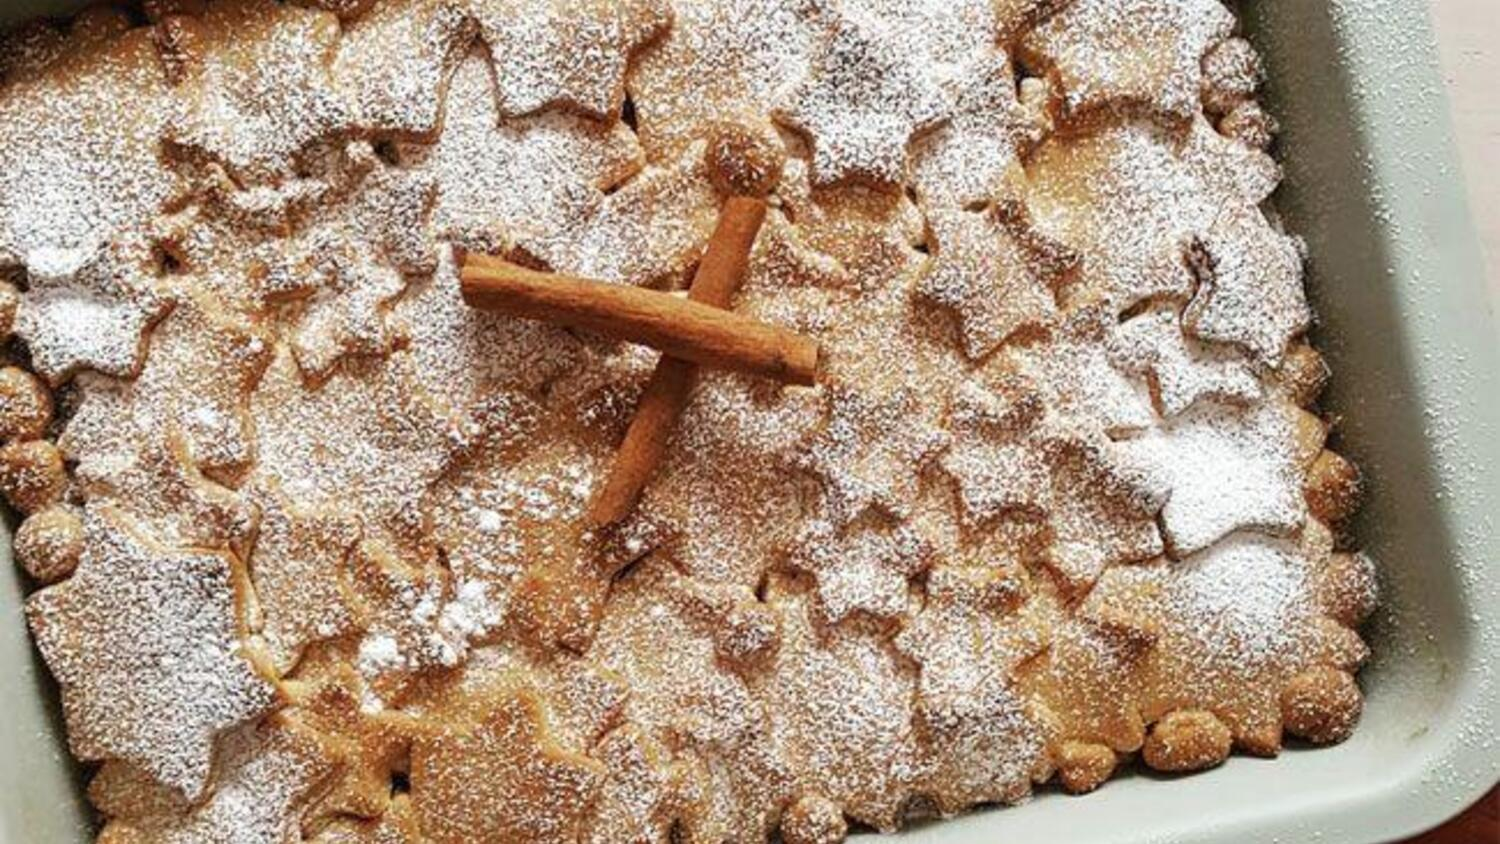 Mangalda muz tatlısı ile Etiketlenen Konular 82